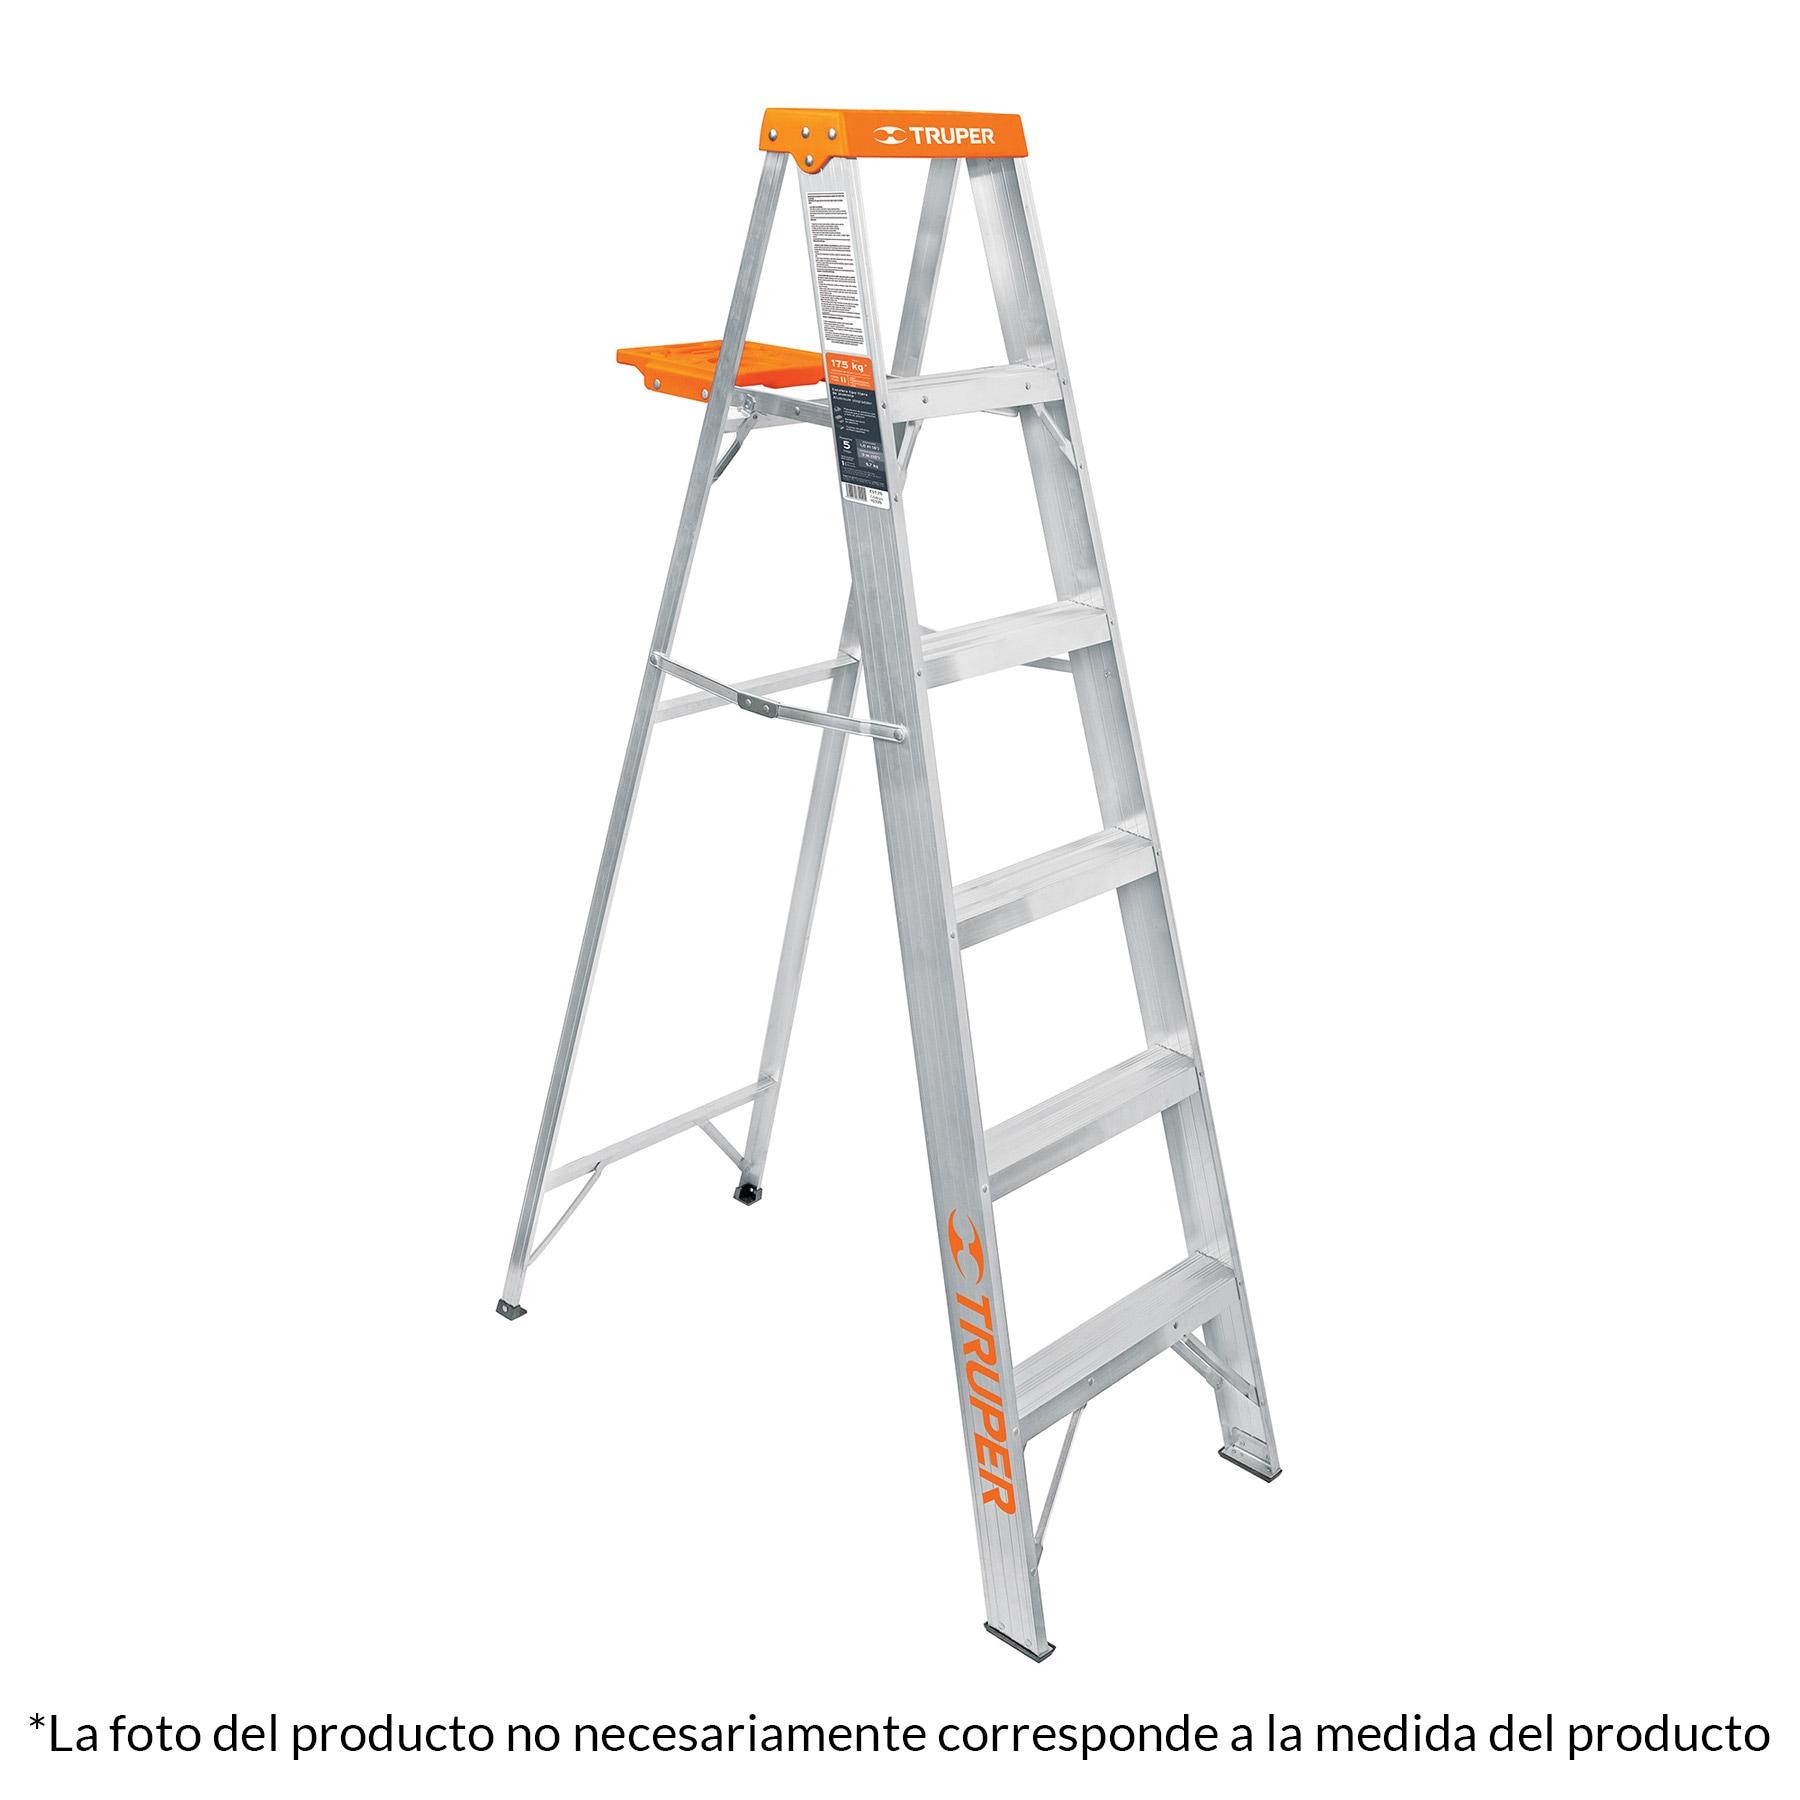 Escalera de tijera tipo II, 3 escalones